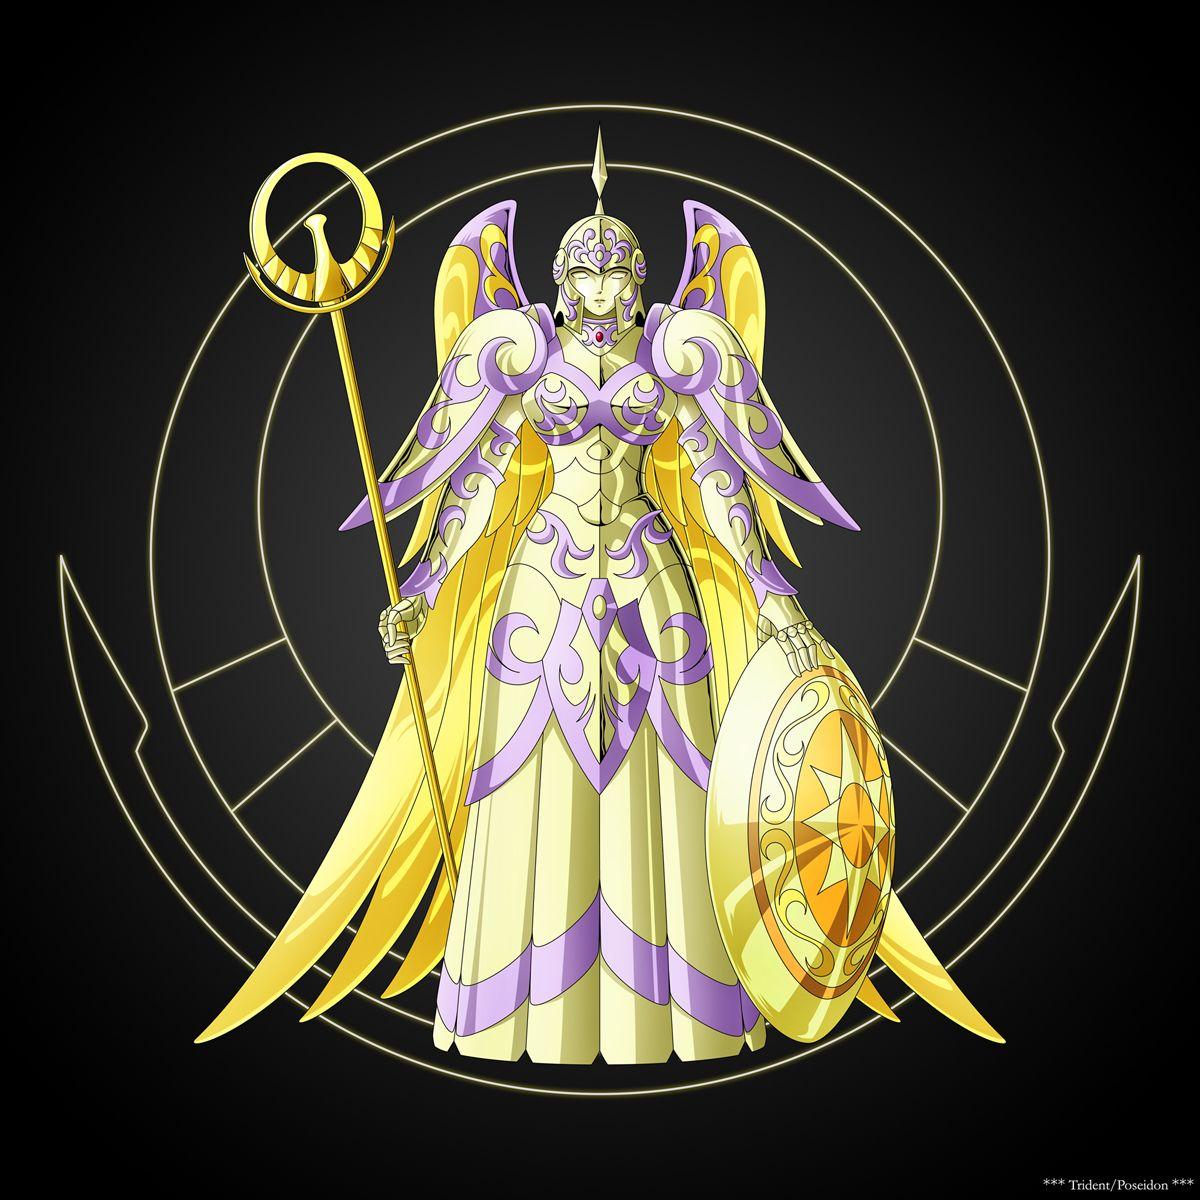 Poseidon és Athena társkereső fanfiction